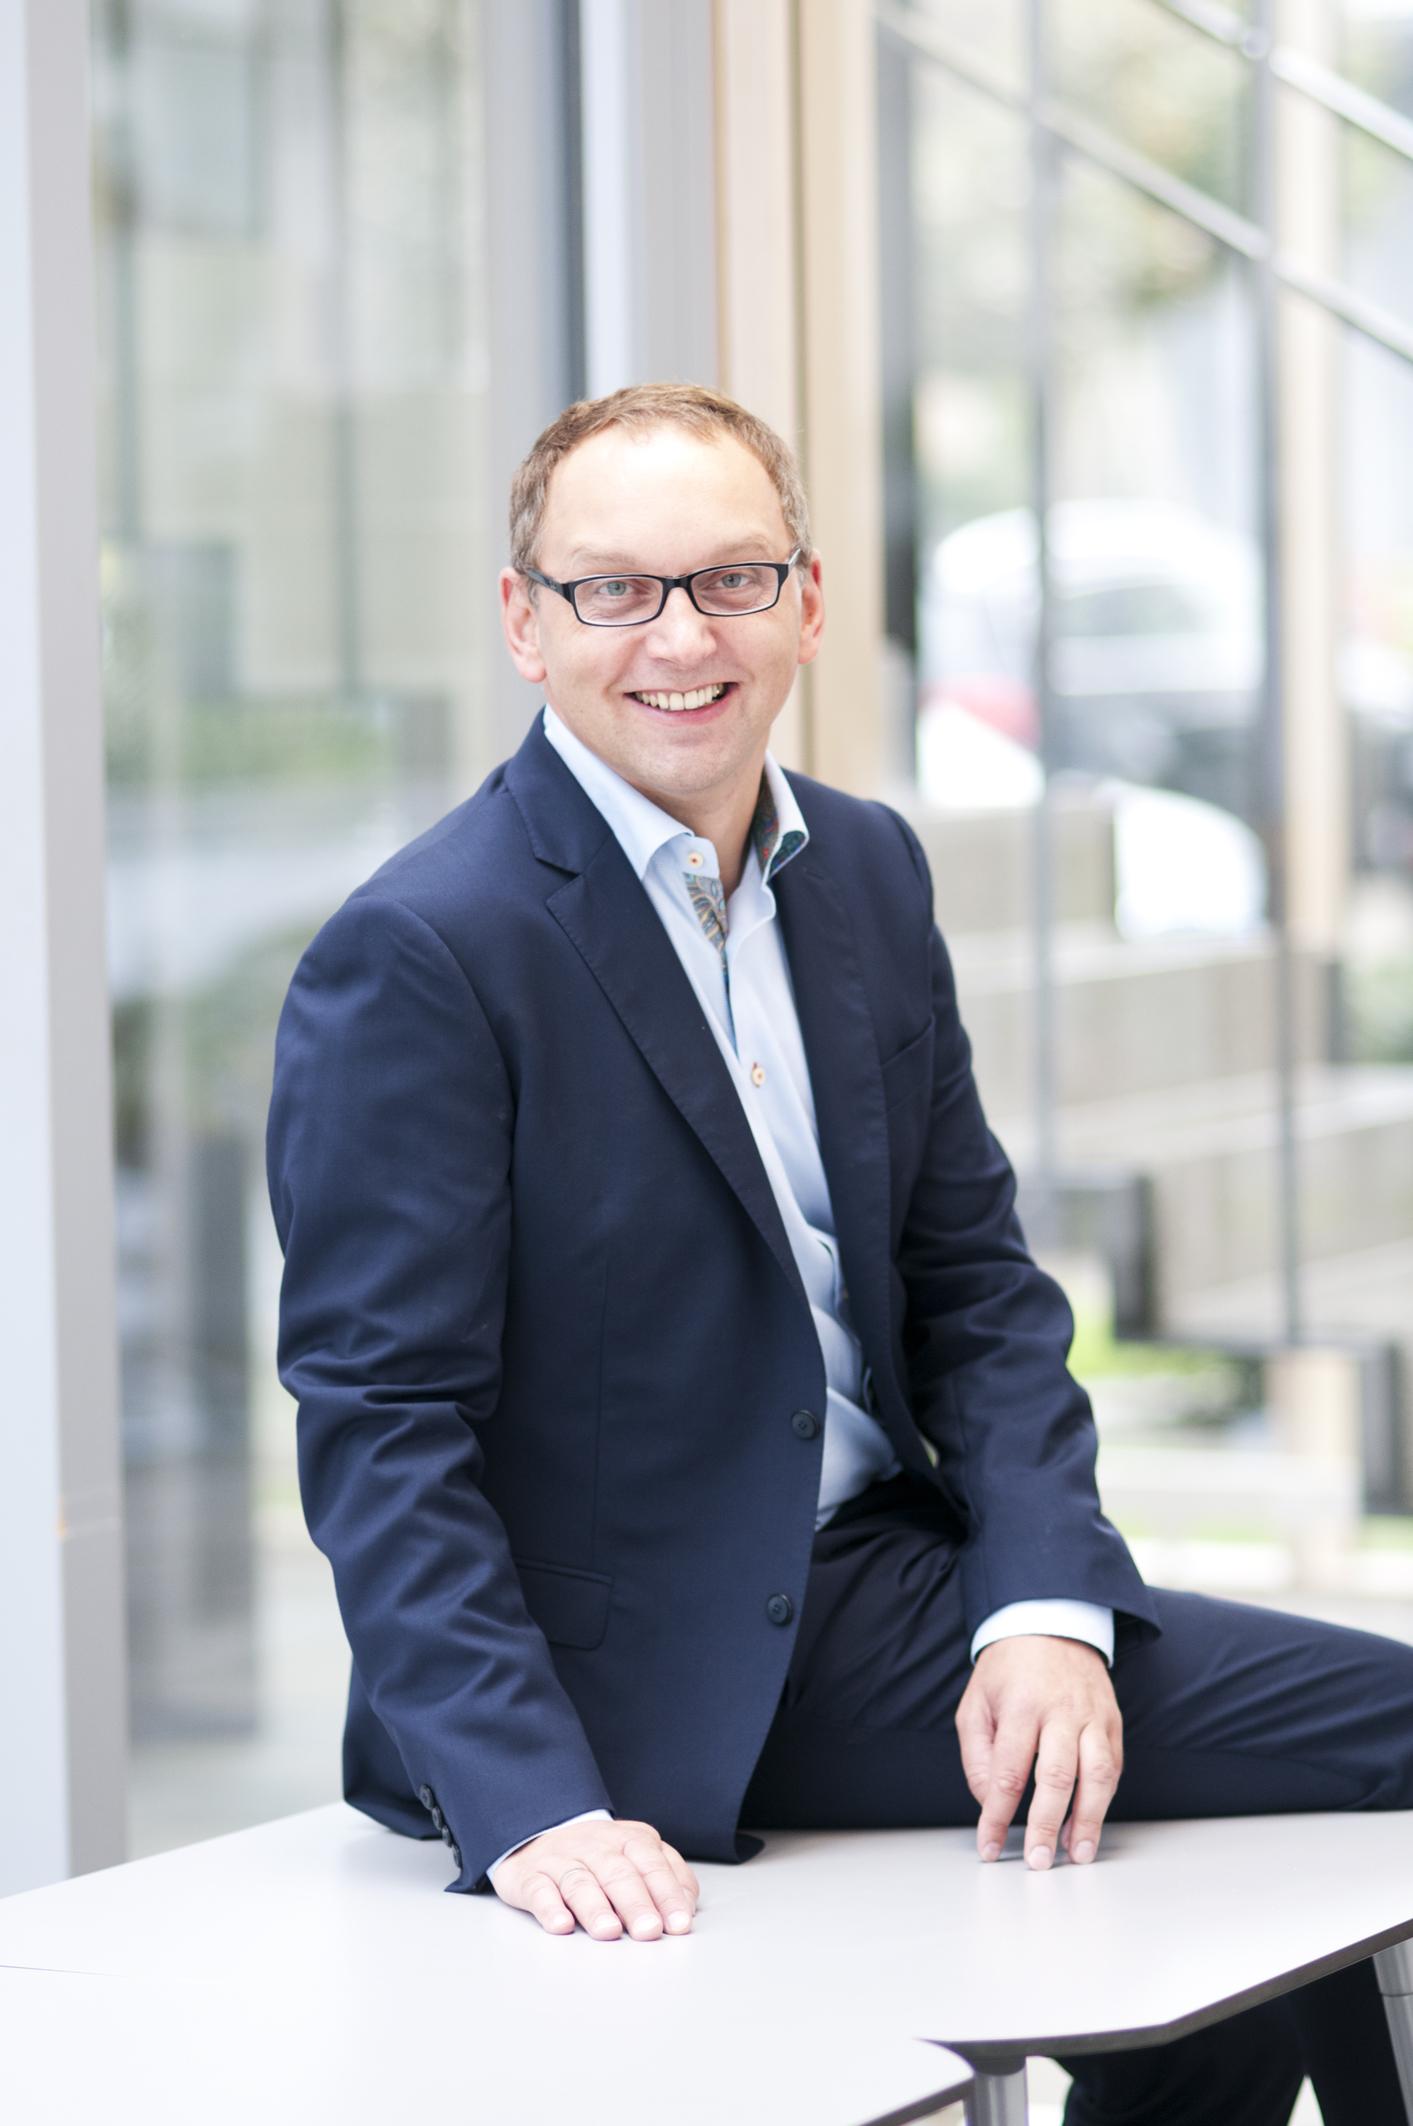 Frank Herzog, geschäftsführender Gesellschafter, Concept Laser GmbH